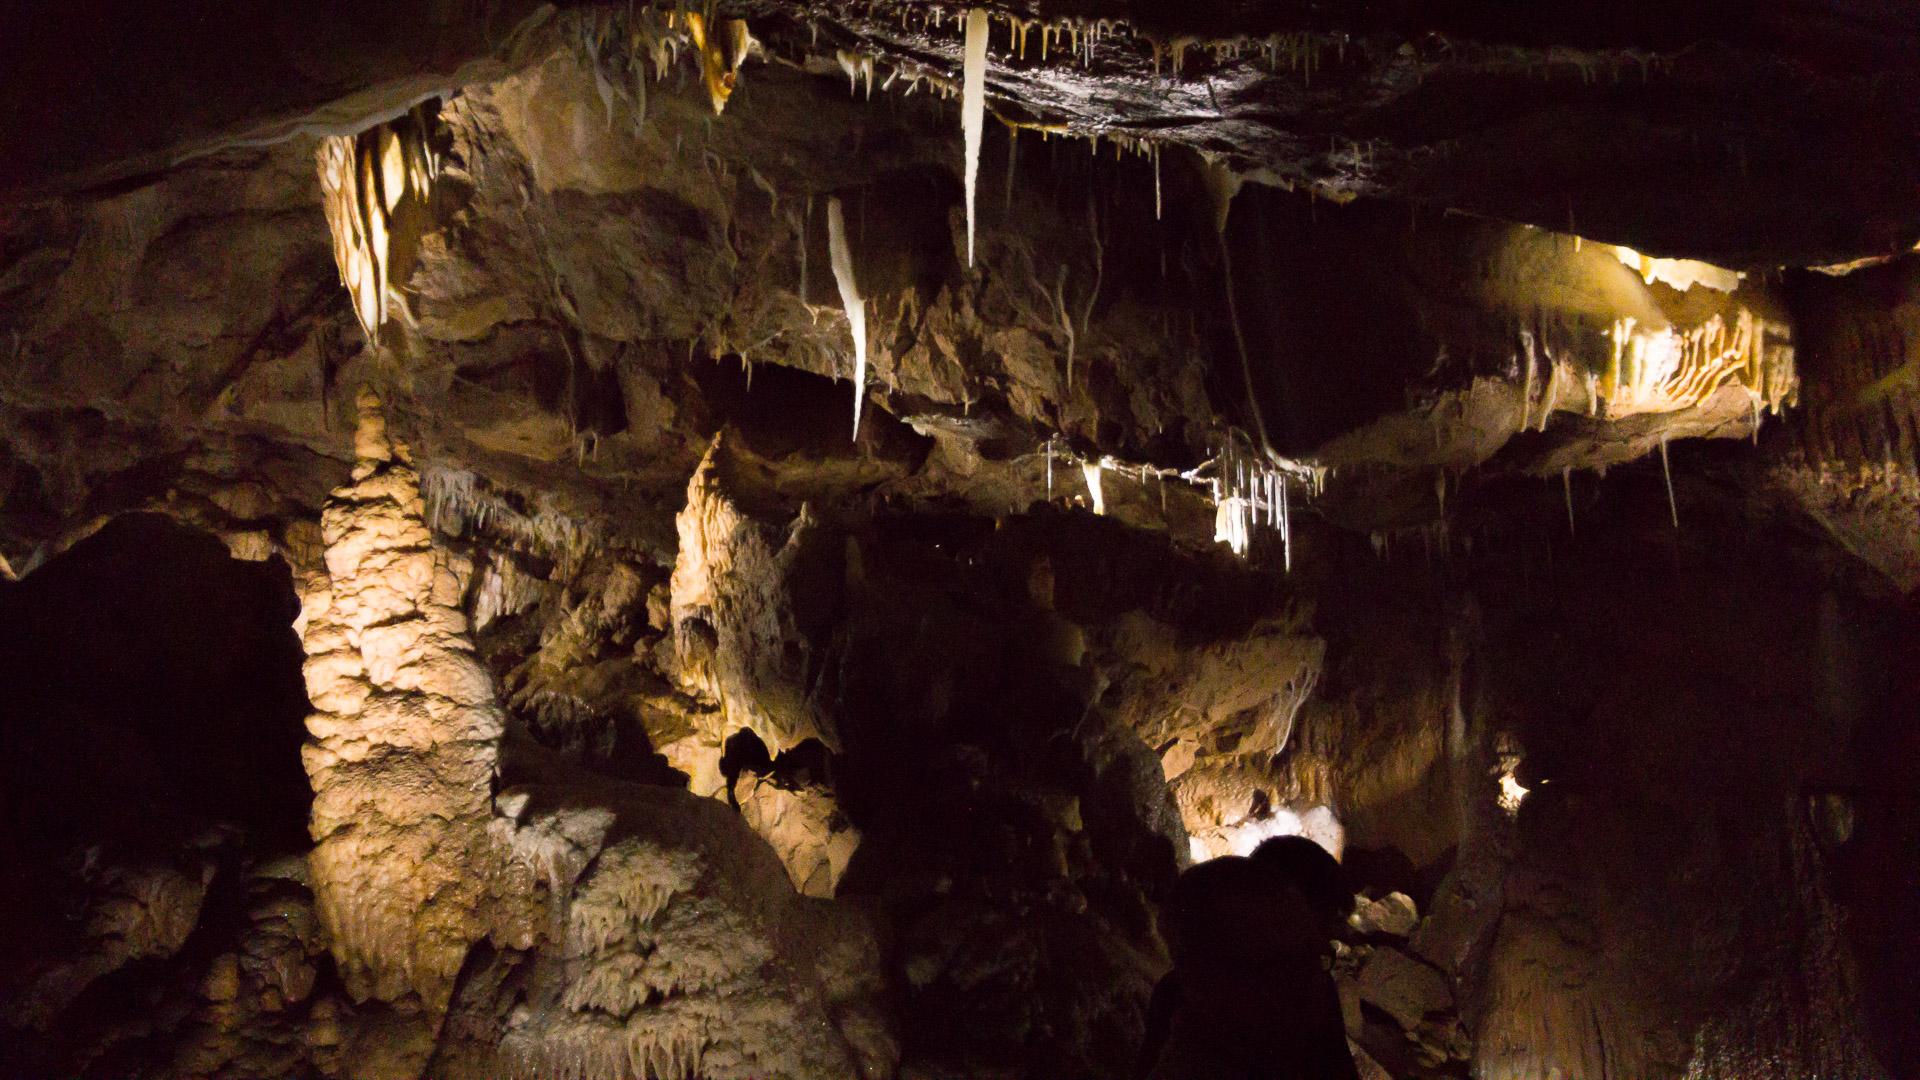 Sinter in der Höhle